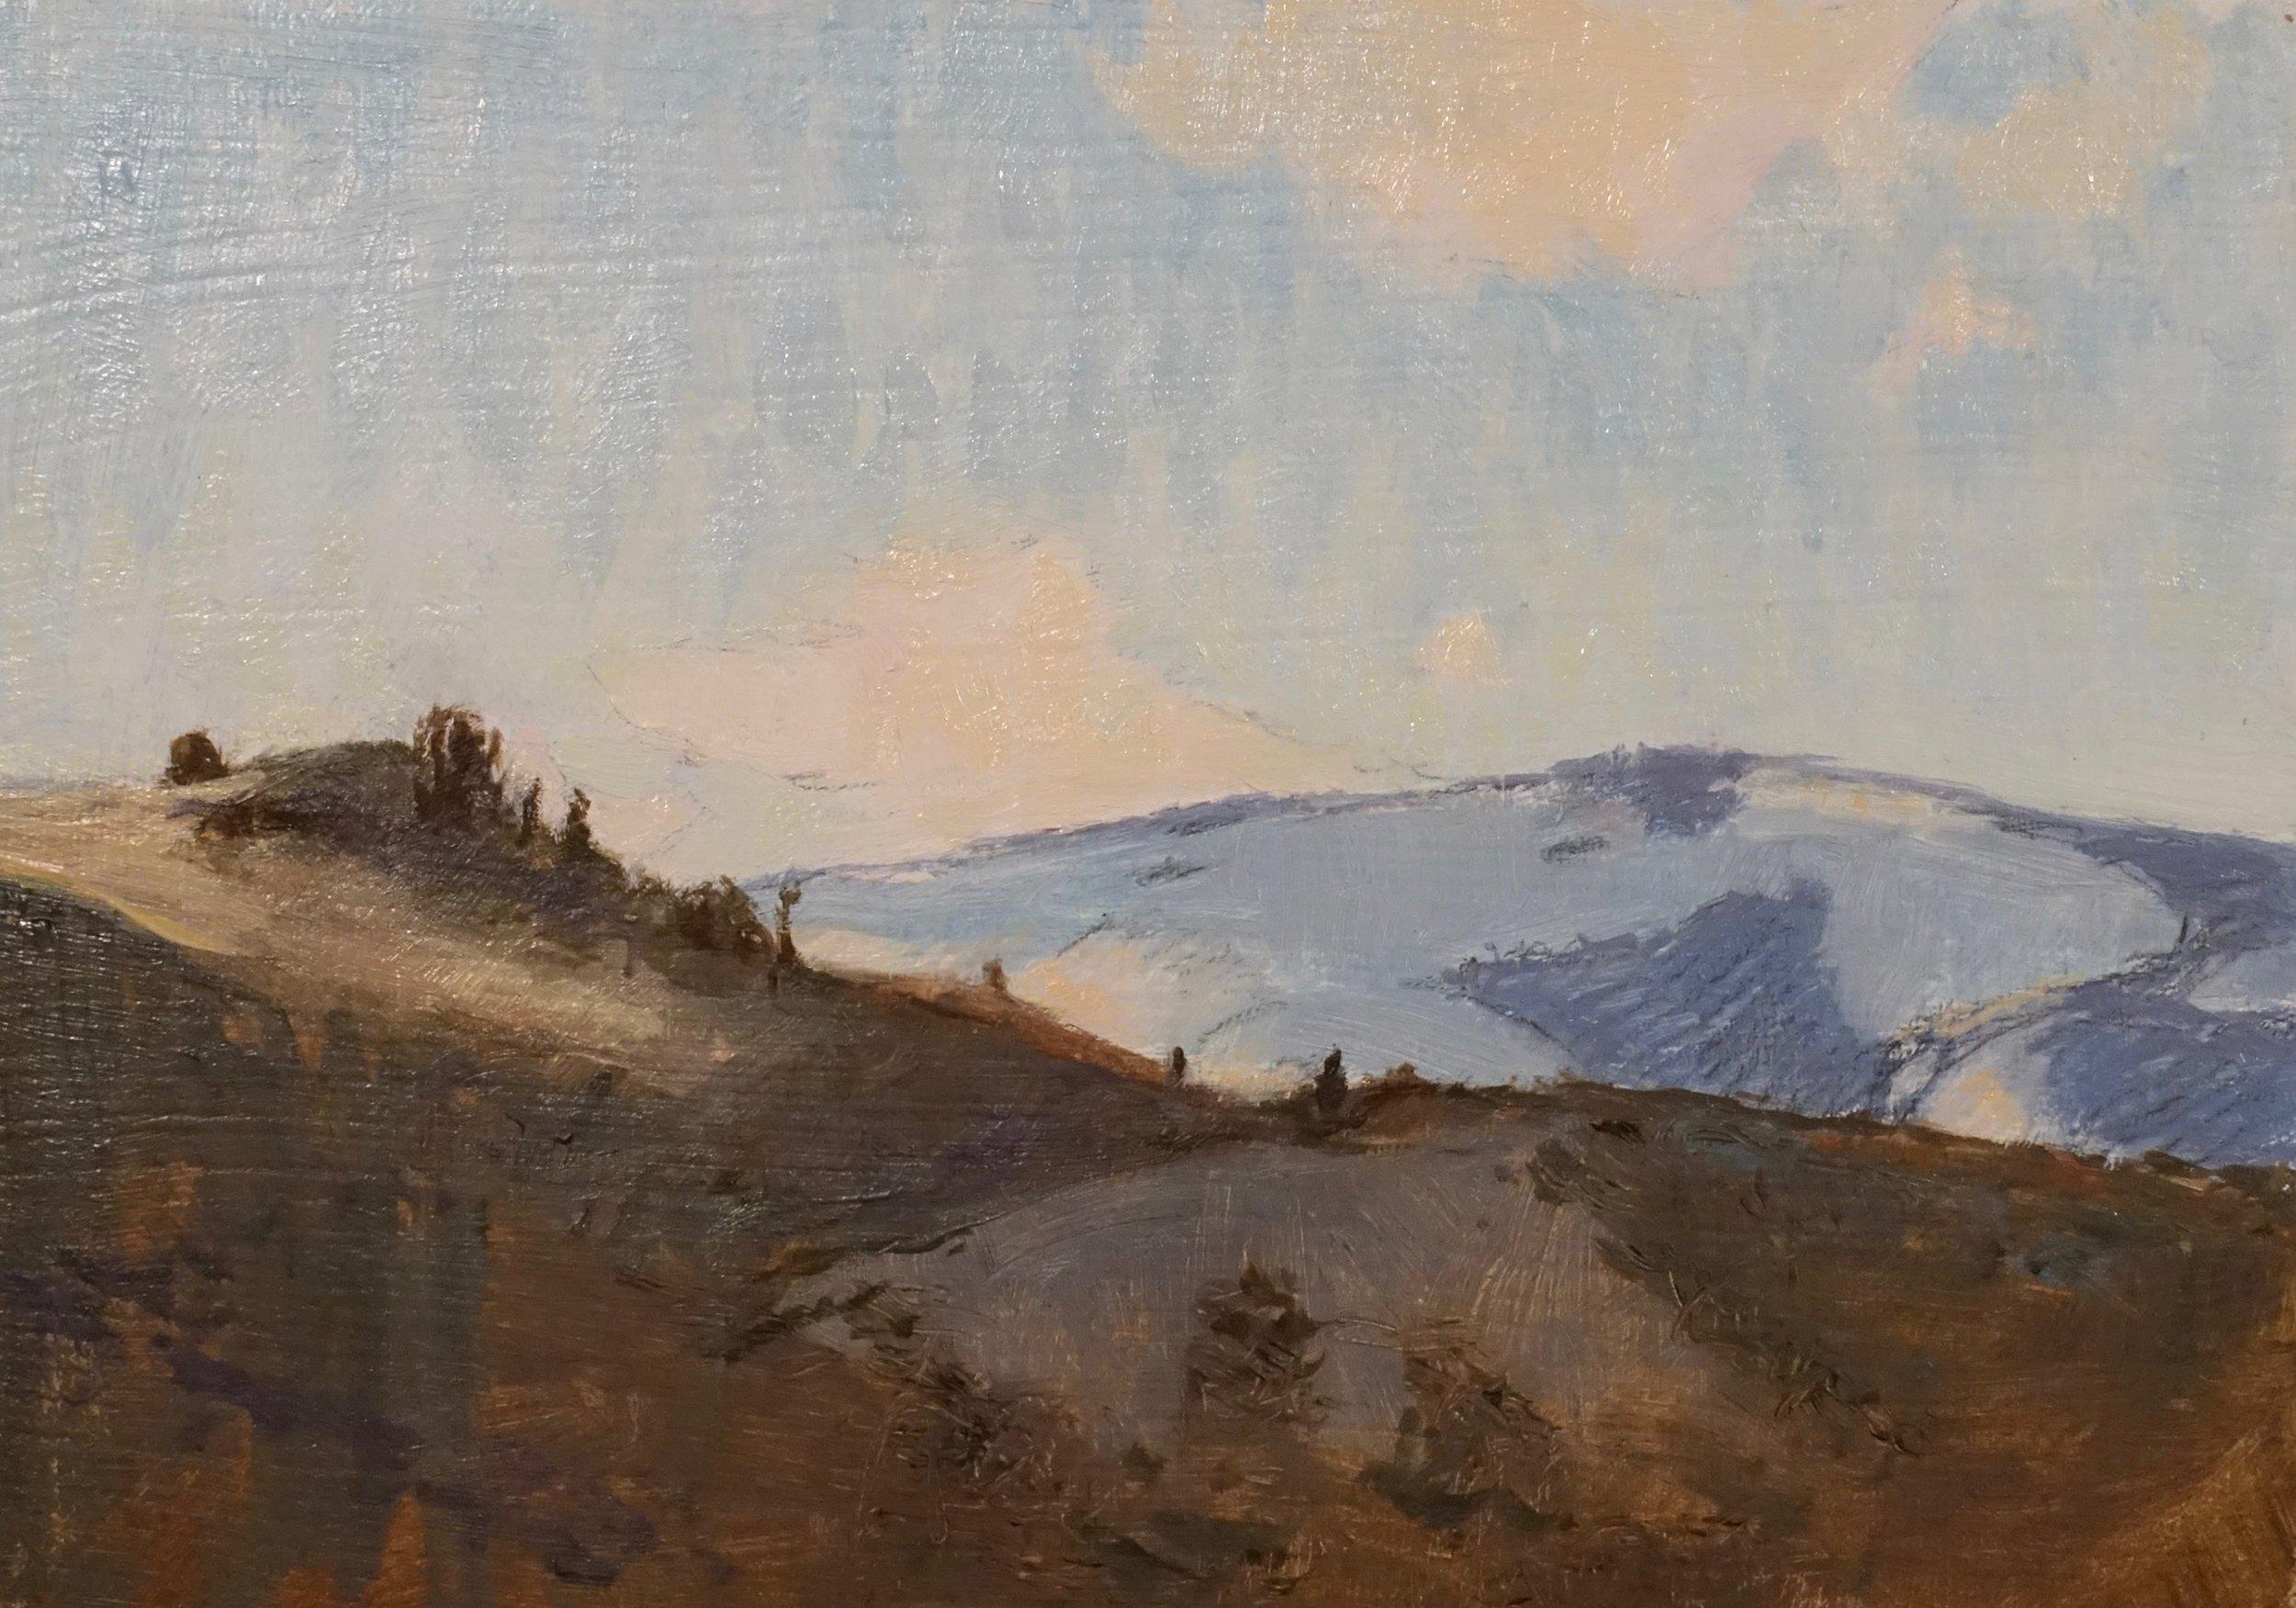 WyomingStudy_5x7_$250_Closson.jpg